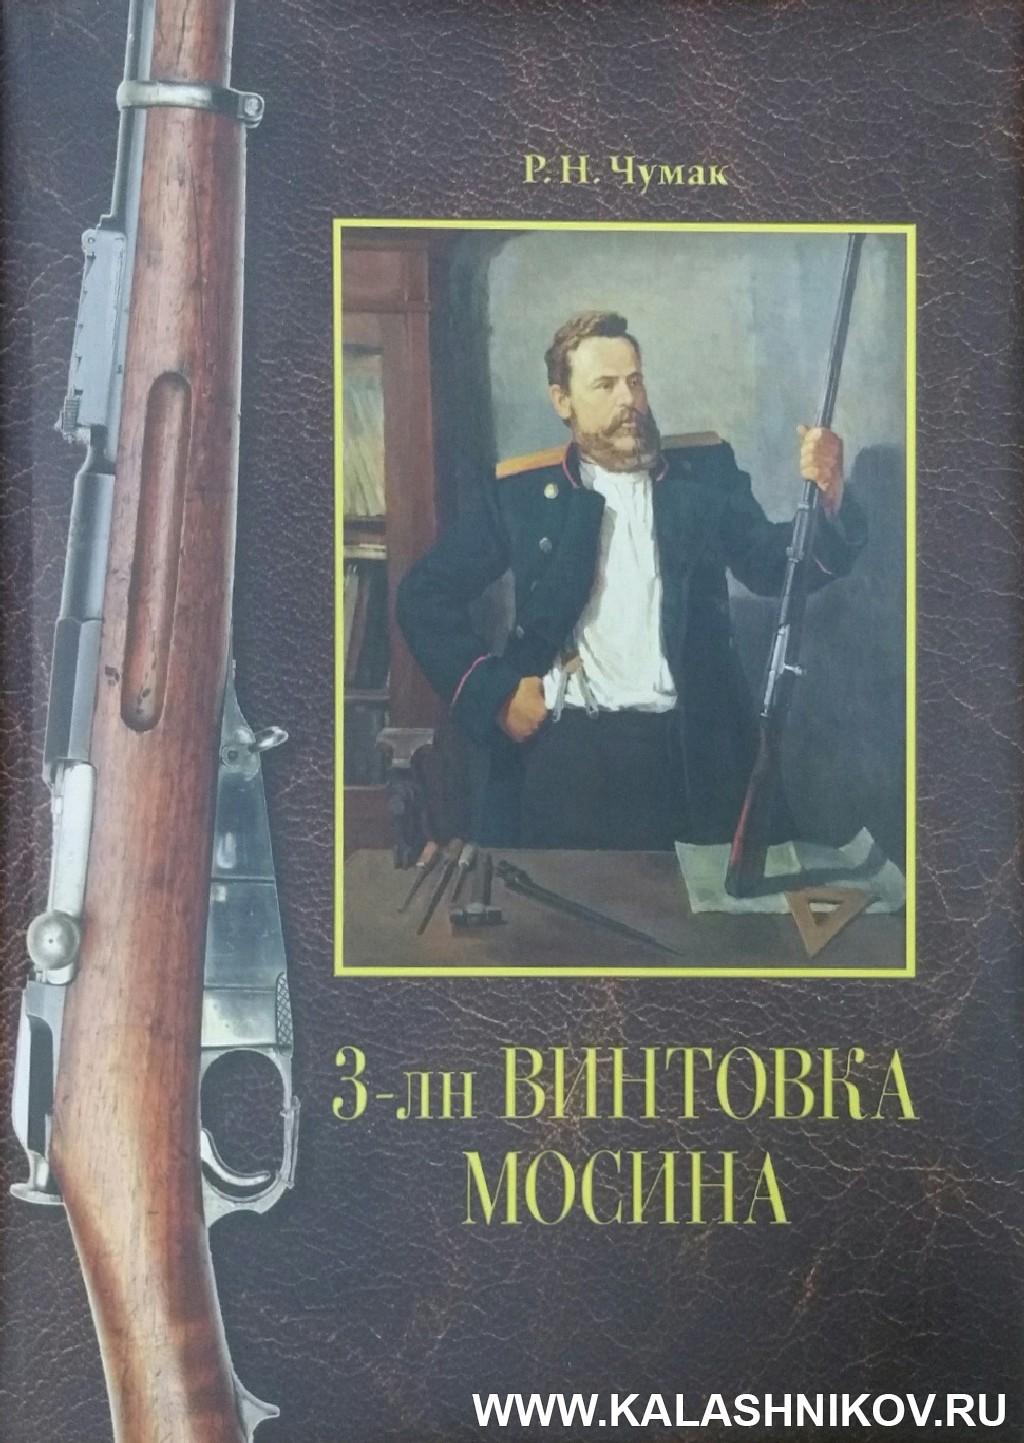 Обложка книги Р.Н. Чумака «3-лн винтовка Мосина». Иллюстрация к статье в журнале «КАЛАШНИКОВ»